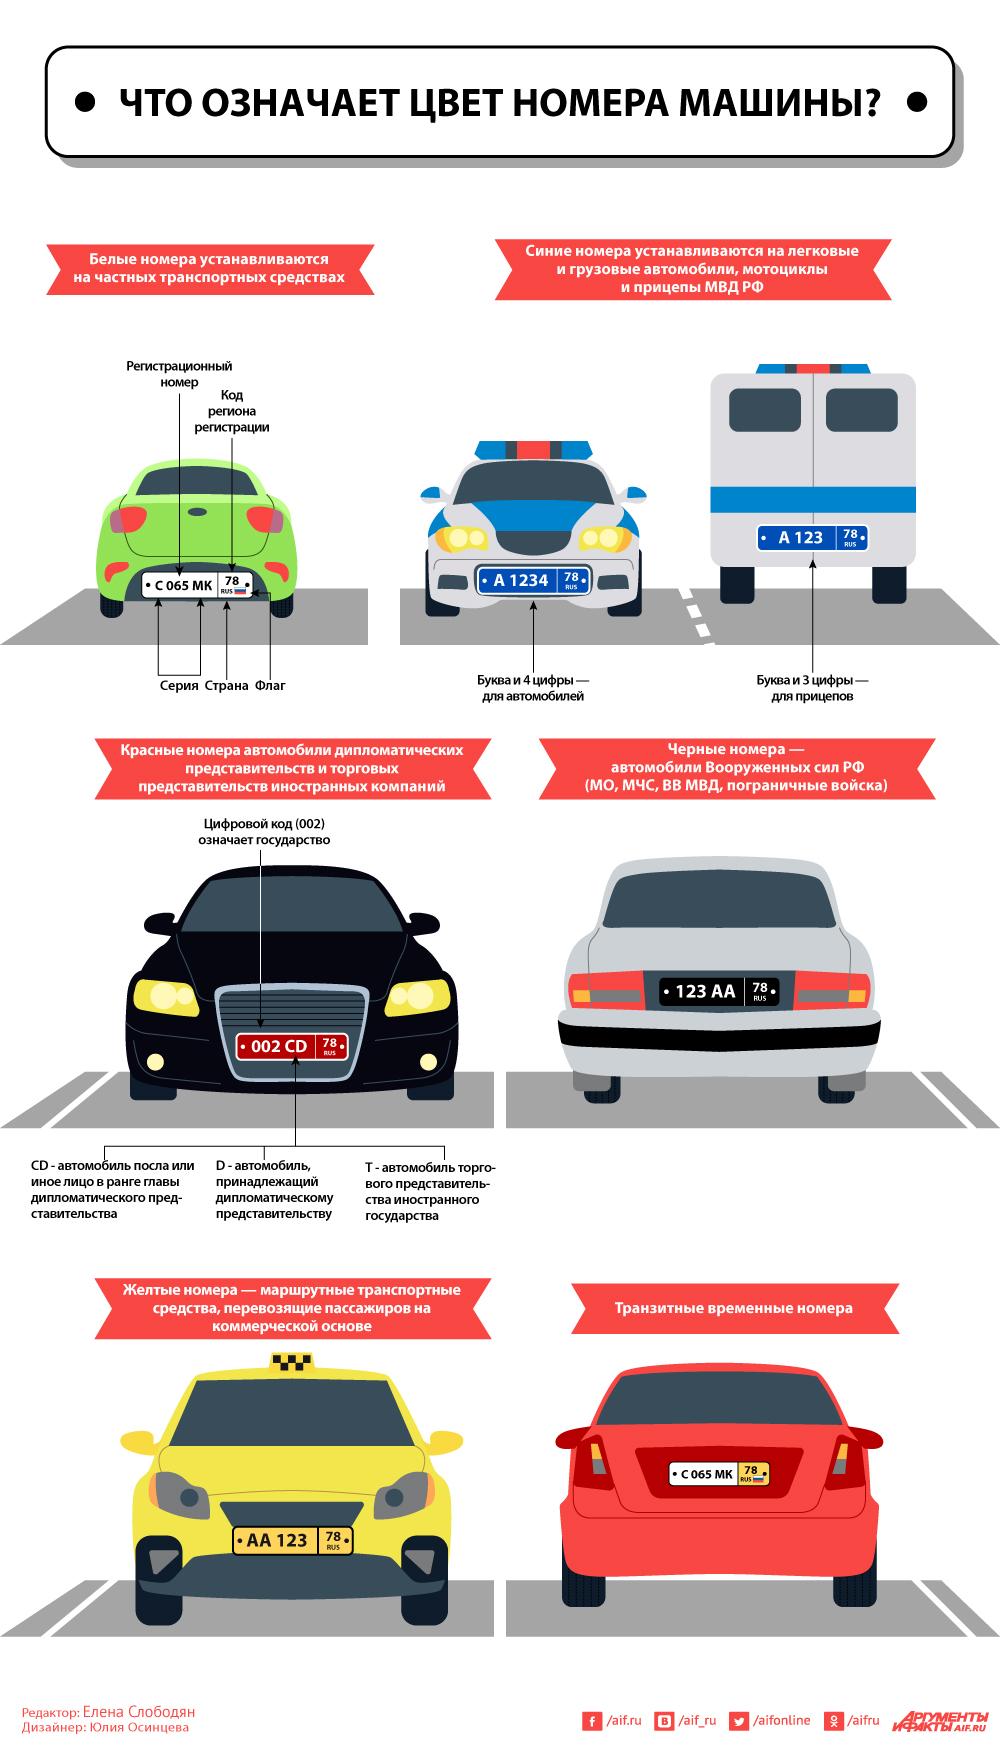 конфискат автомобилей продажа залоговых авто сбербанк